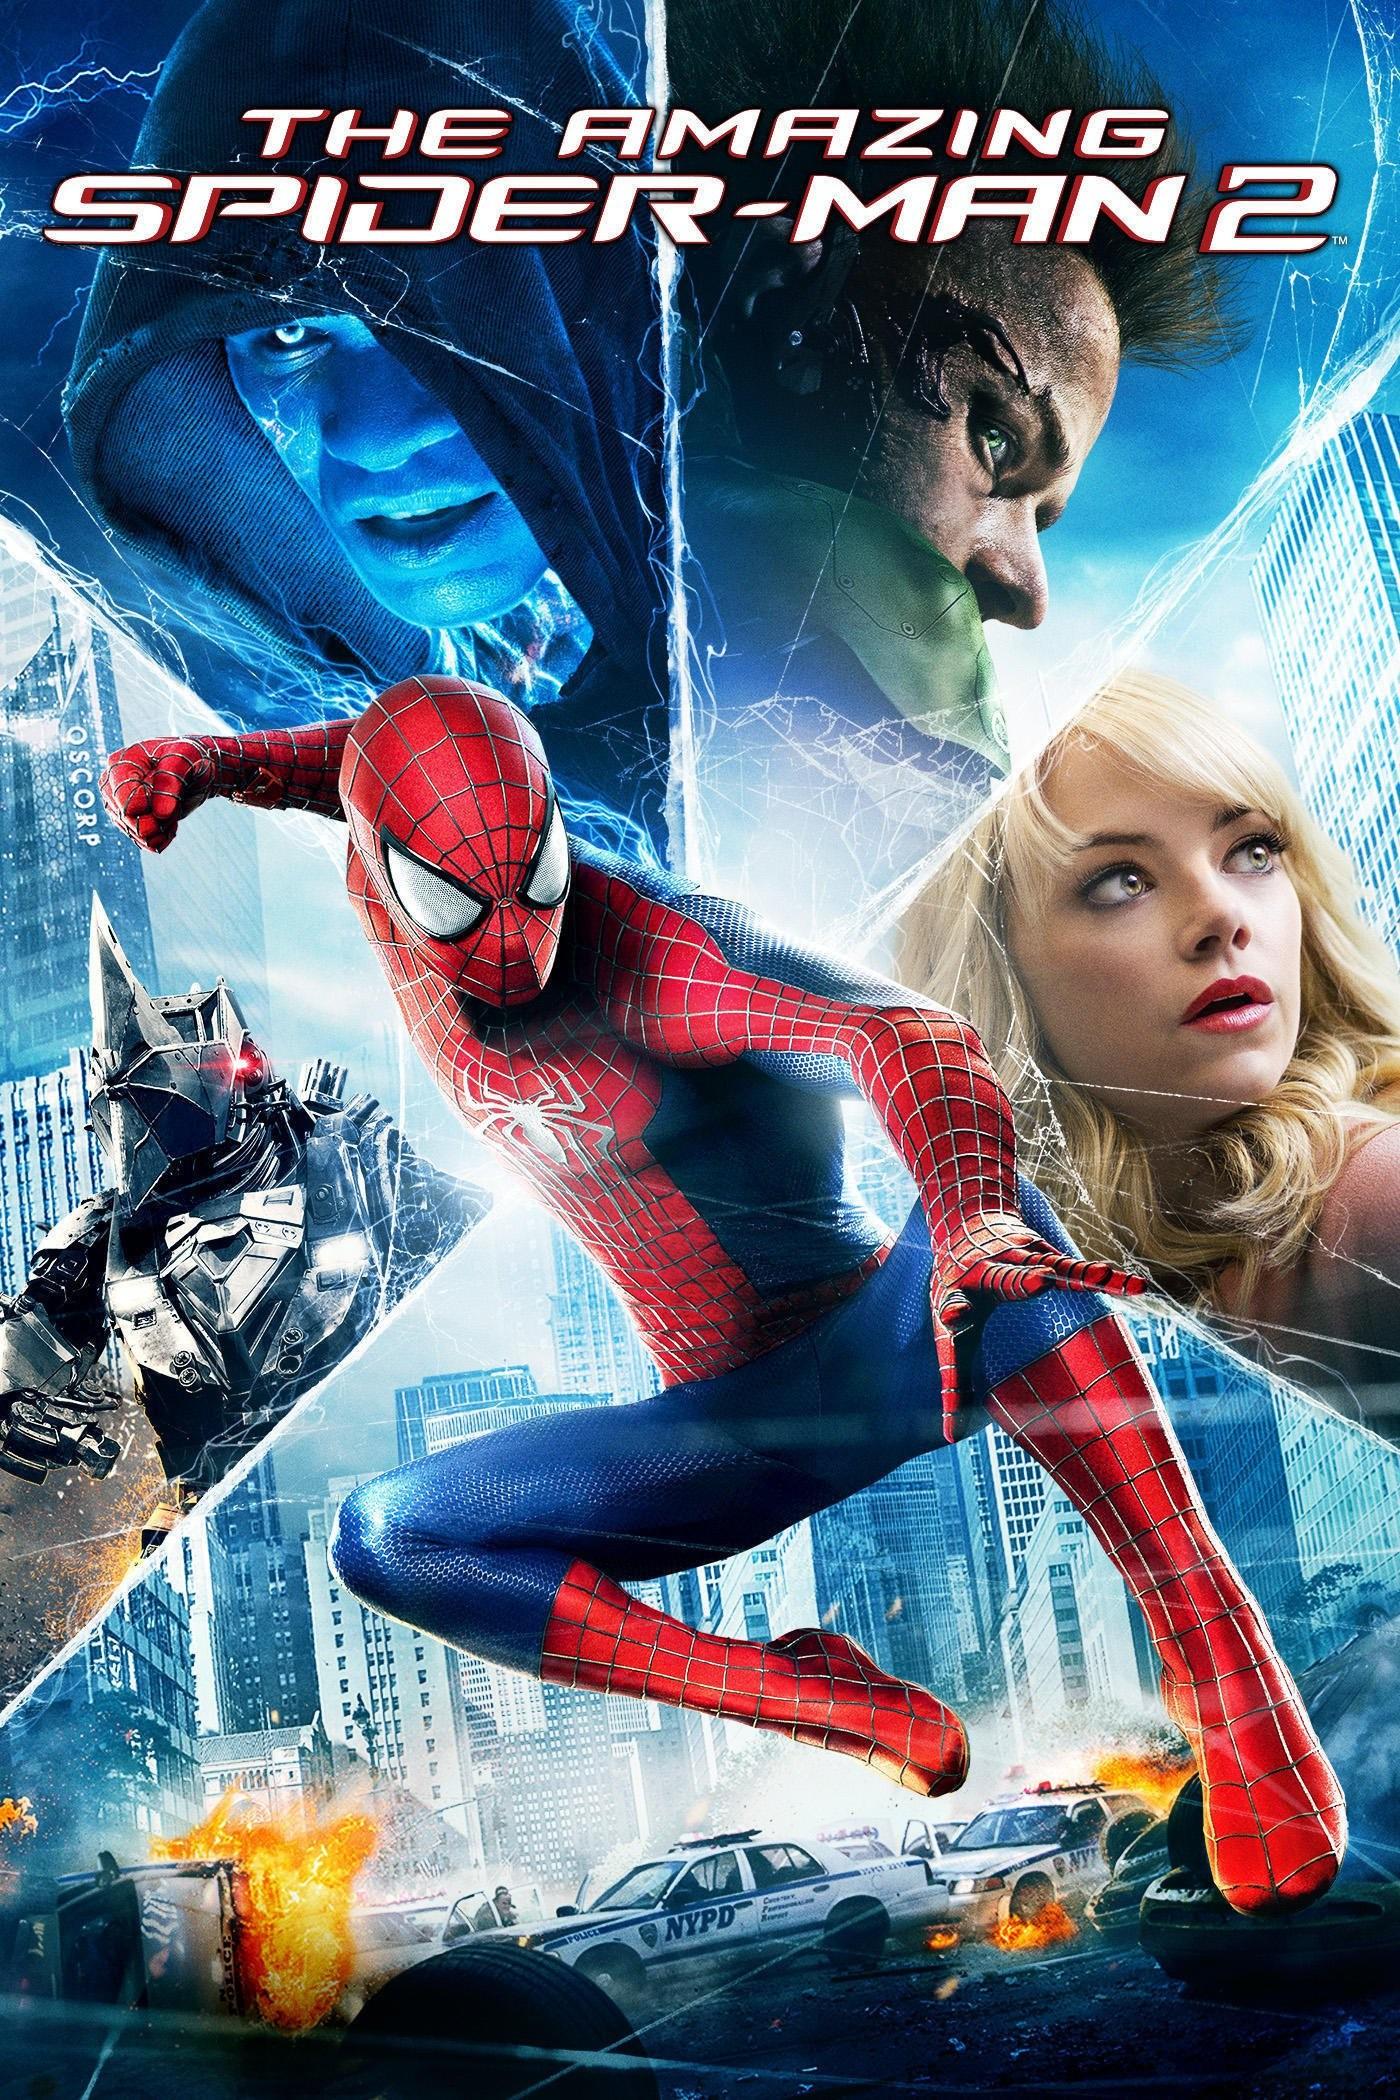 Watch The Amazing Spider-Man 2 (2014) Free Online